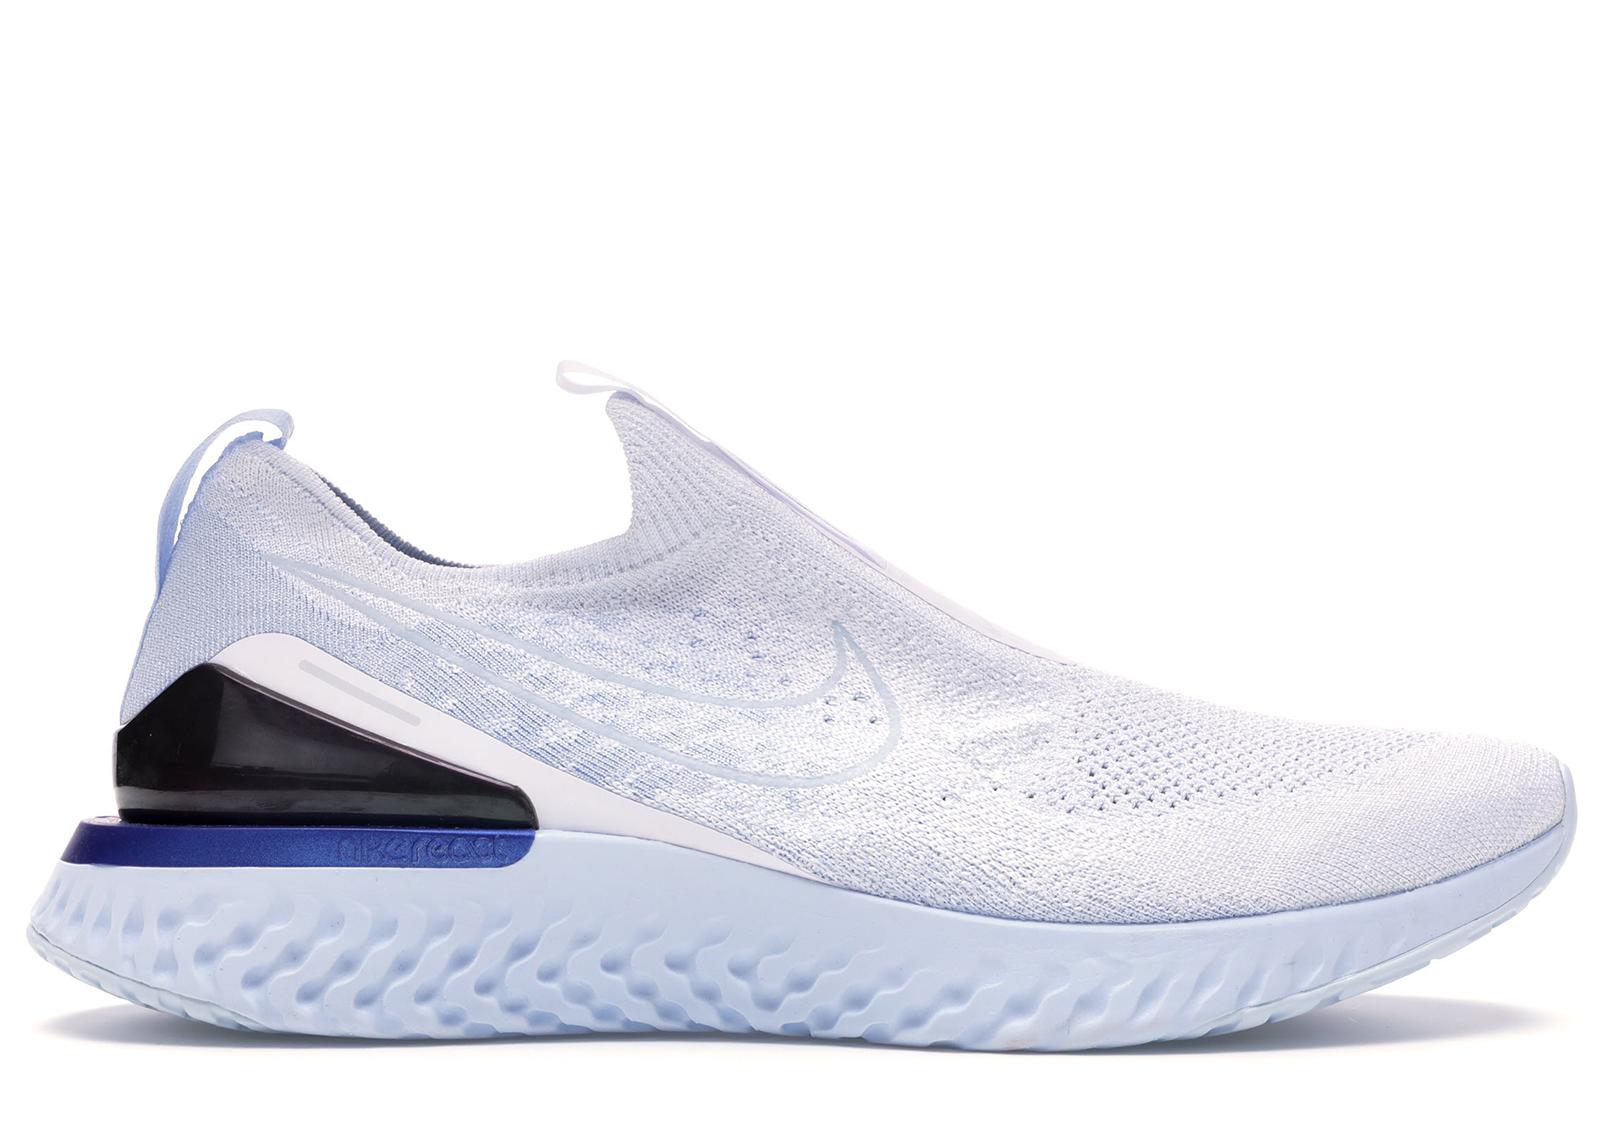 Nike Epic React Moc Flyknit White